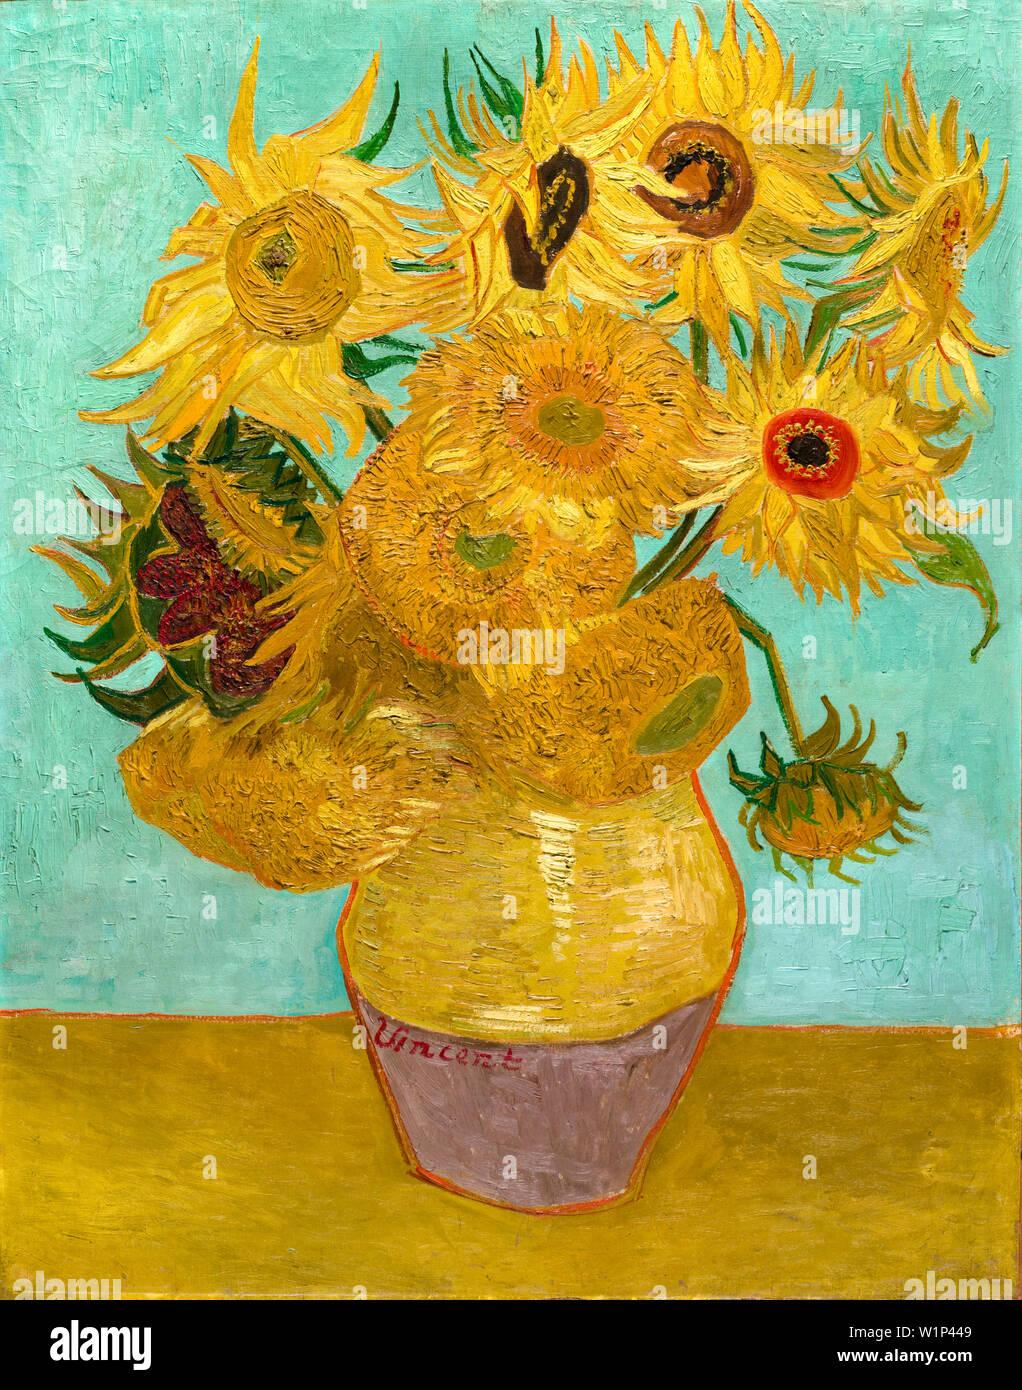 Vincent Van Gogh, Vase avec douze Tournesols, still life peinture, 1889 Banque D'Images